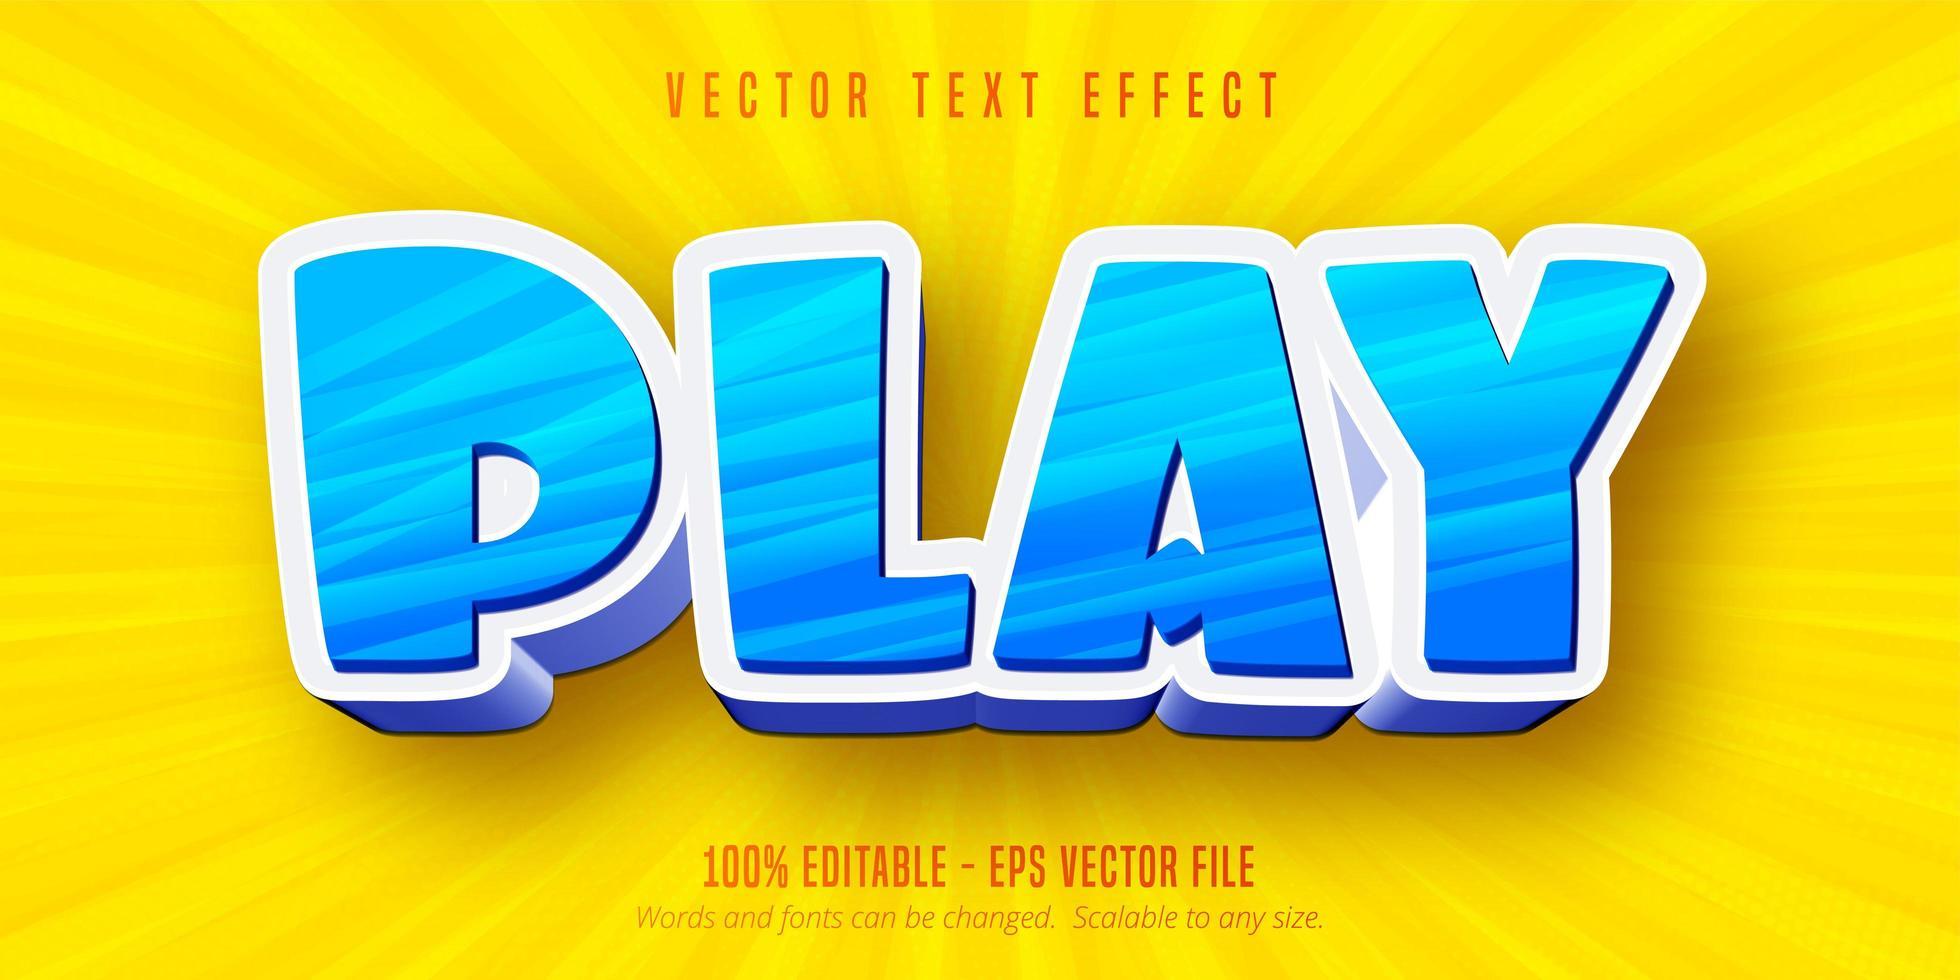 blu e bianco riproducono l'effetto di testo modificabile in stile cartone animato vettore